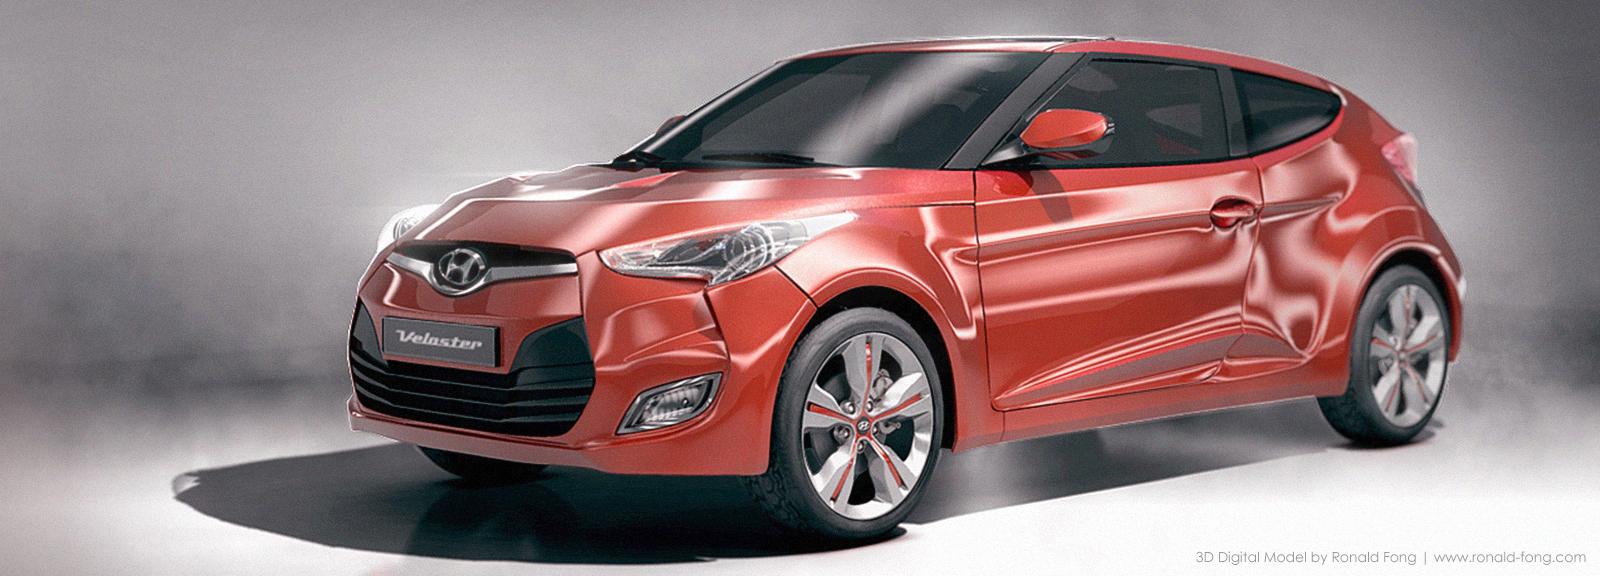 Hyundai Veloster 3D Model Render